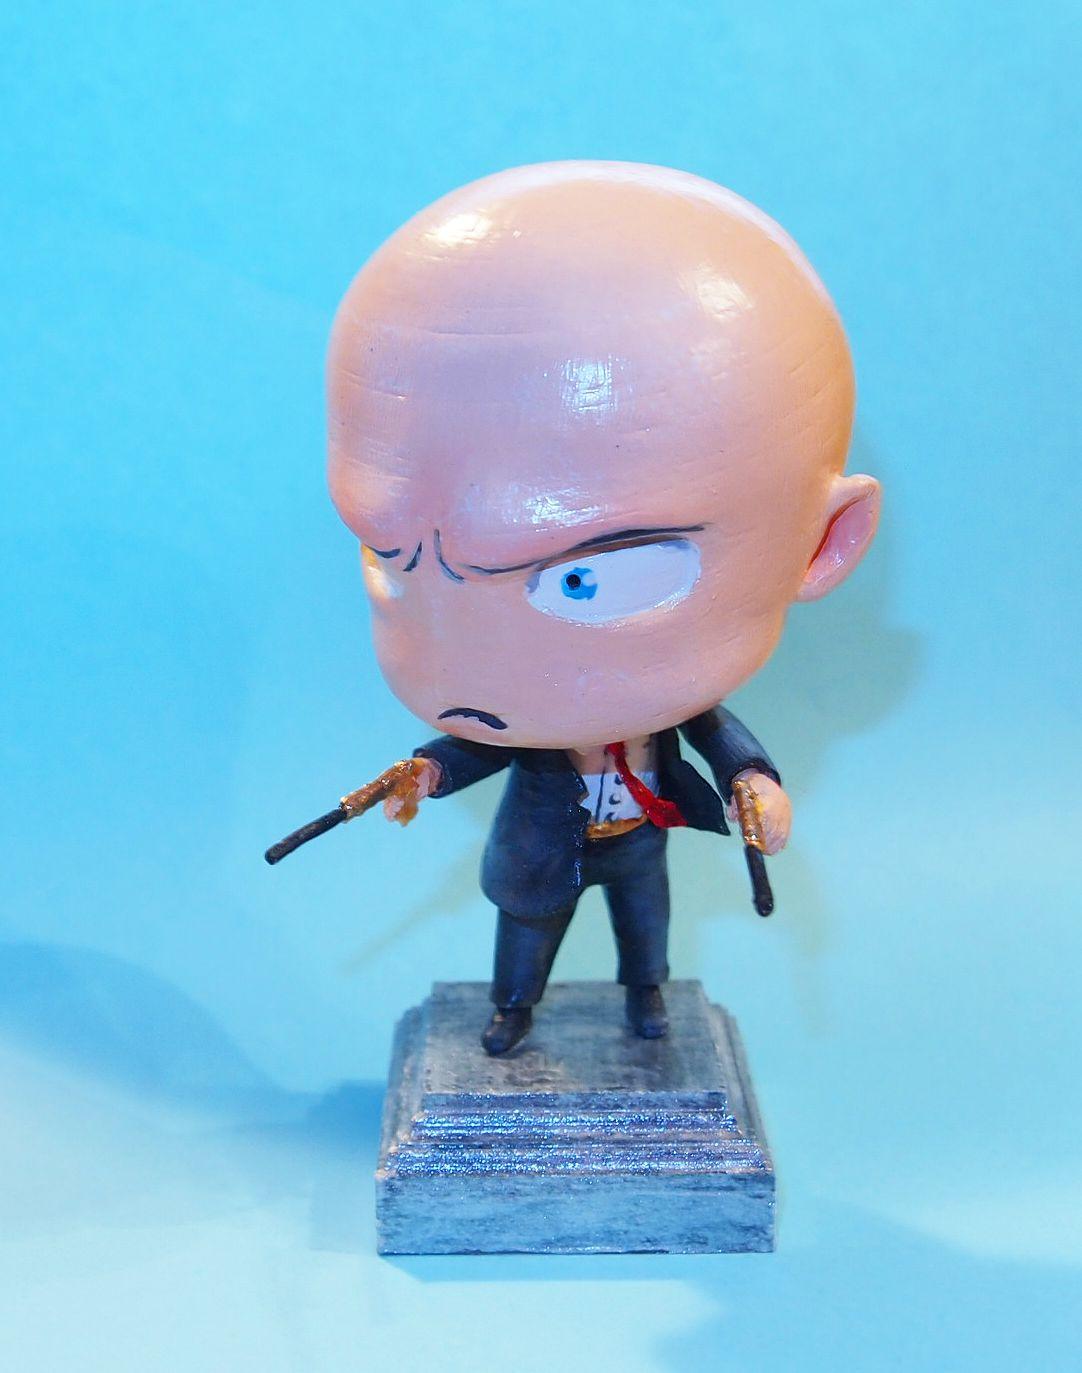 игрушка фигурка сувенир hitman аниме няшка статуетка чиби анимэ подарок подарки